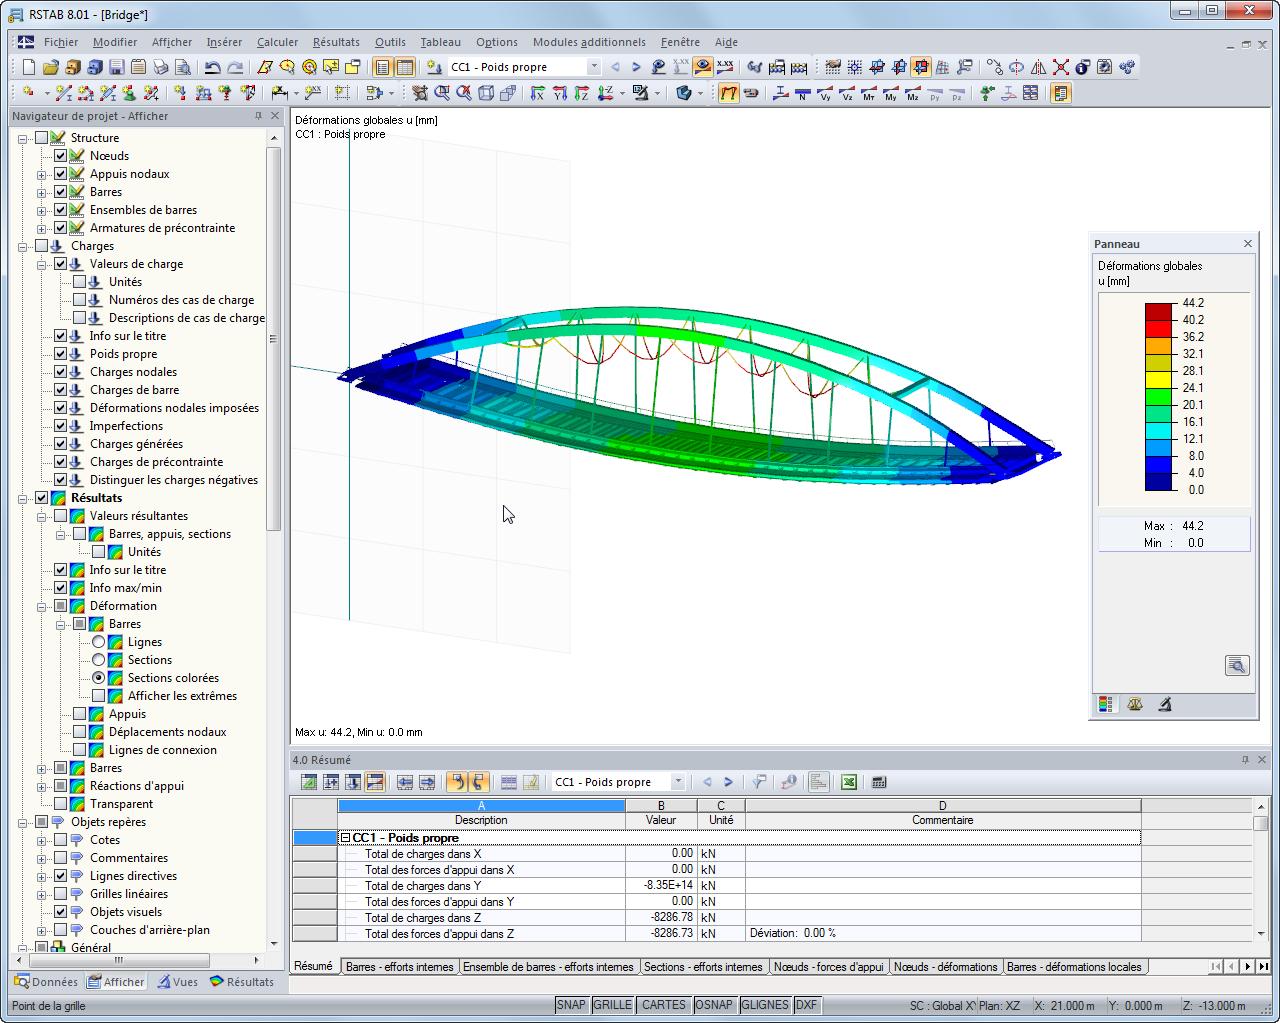 manuel de calcul des charpentes en bois 2012 pdf